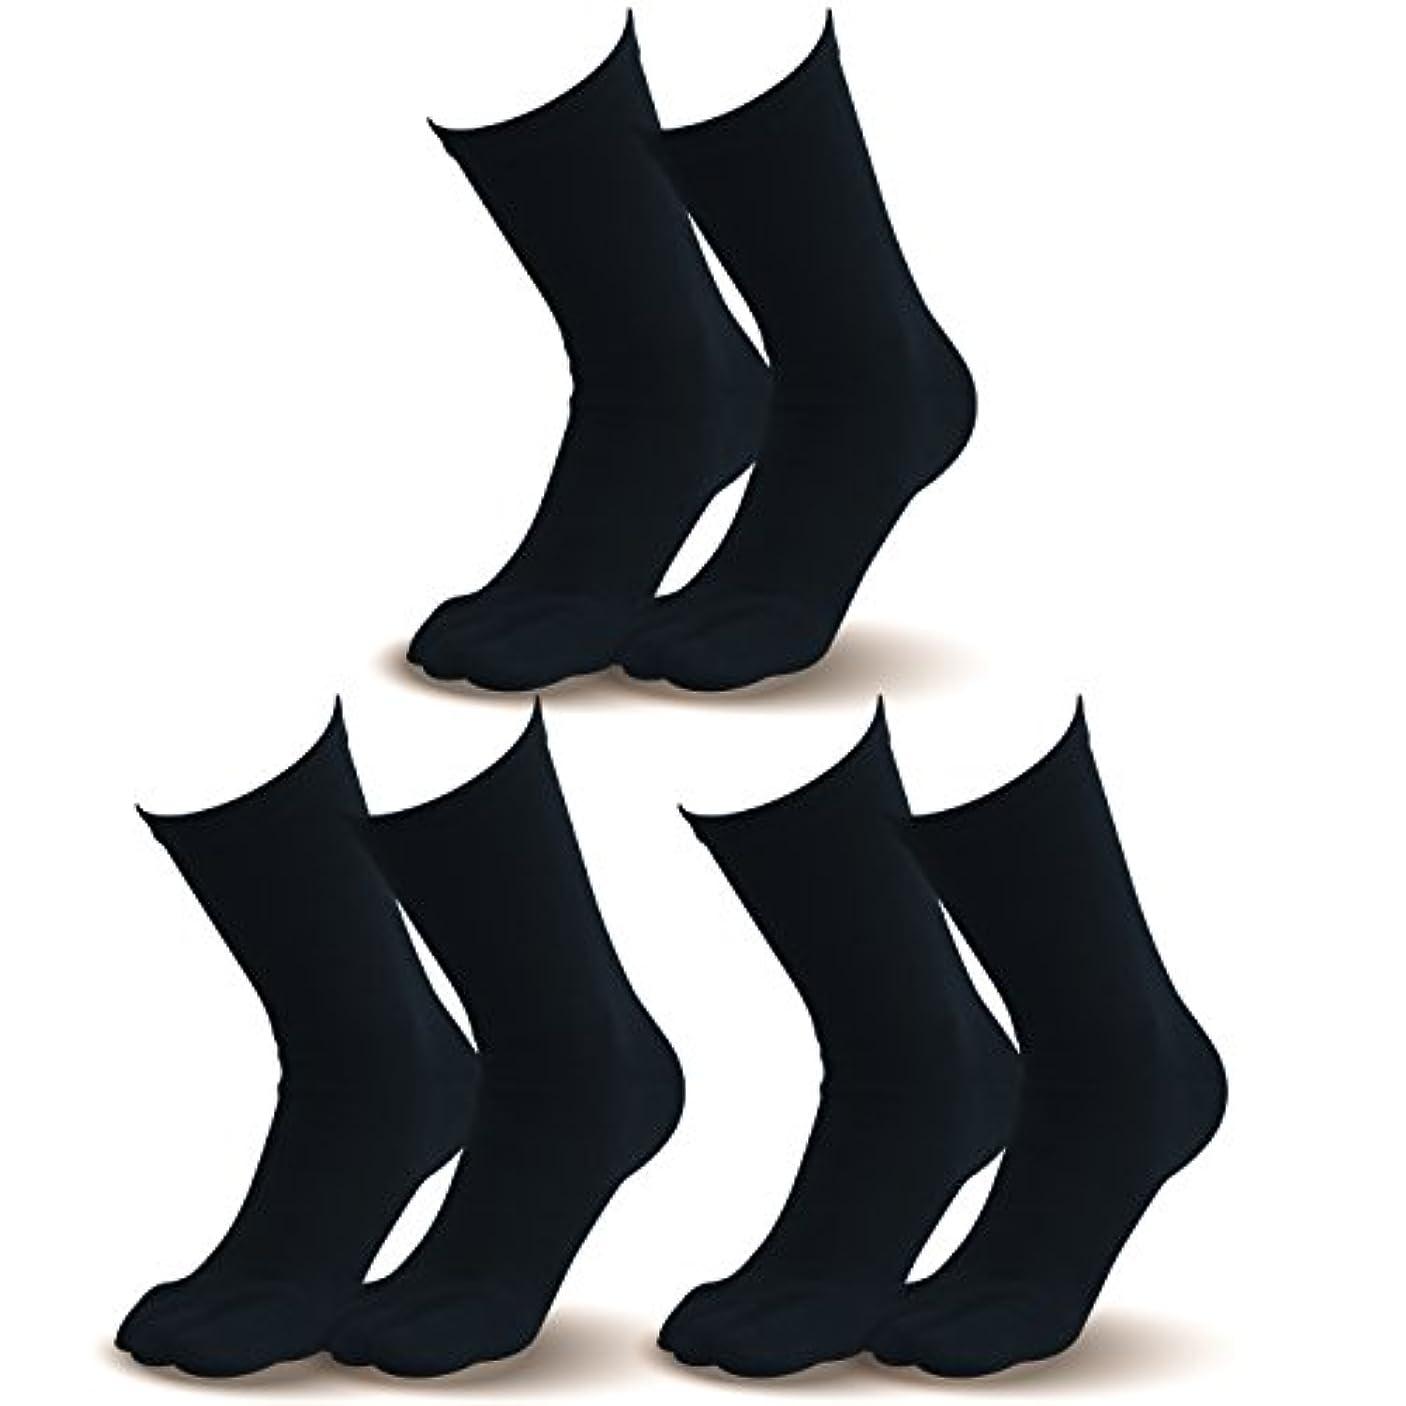 ペルートロピカル見込み【指先まであったか靴下】とってもお得な ブラック3足組  温かい 暖かい 遠赤外線加工 セラミック 伸びる 外反母趾対策 健康 5本指ソックス